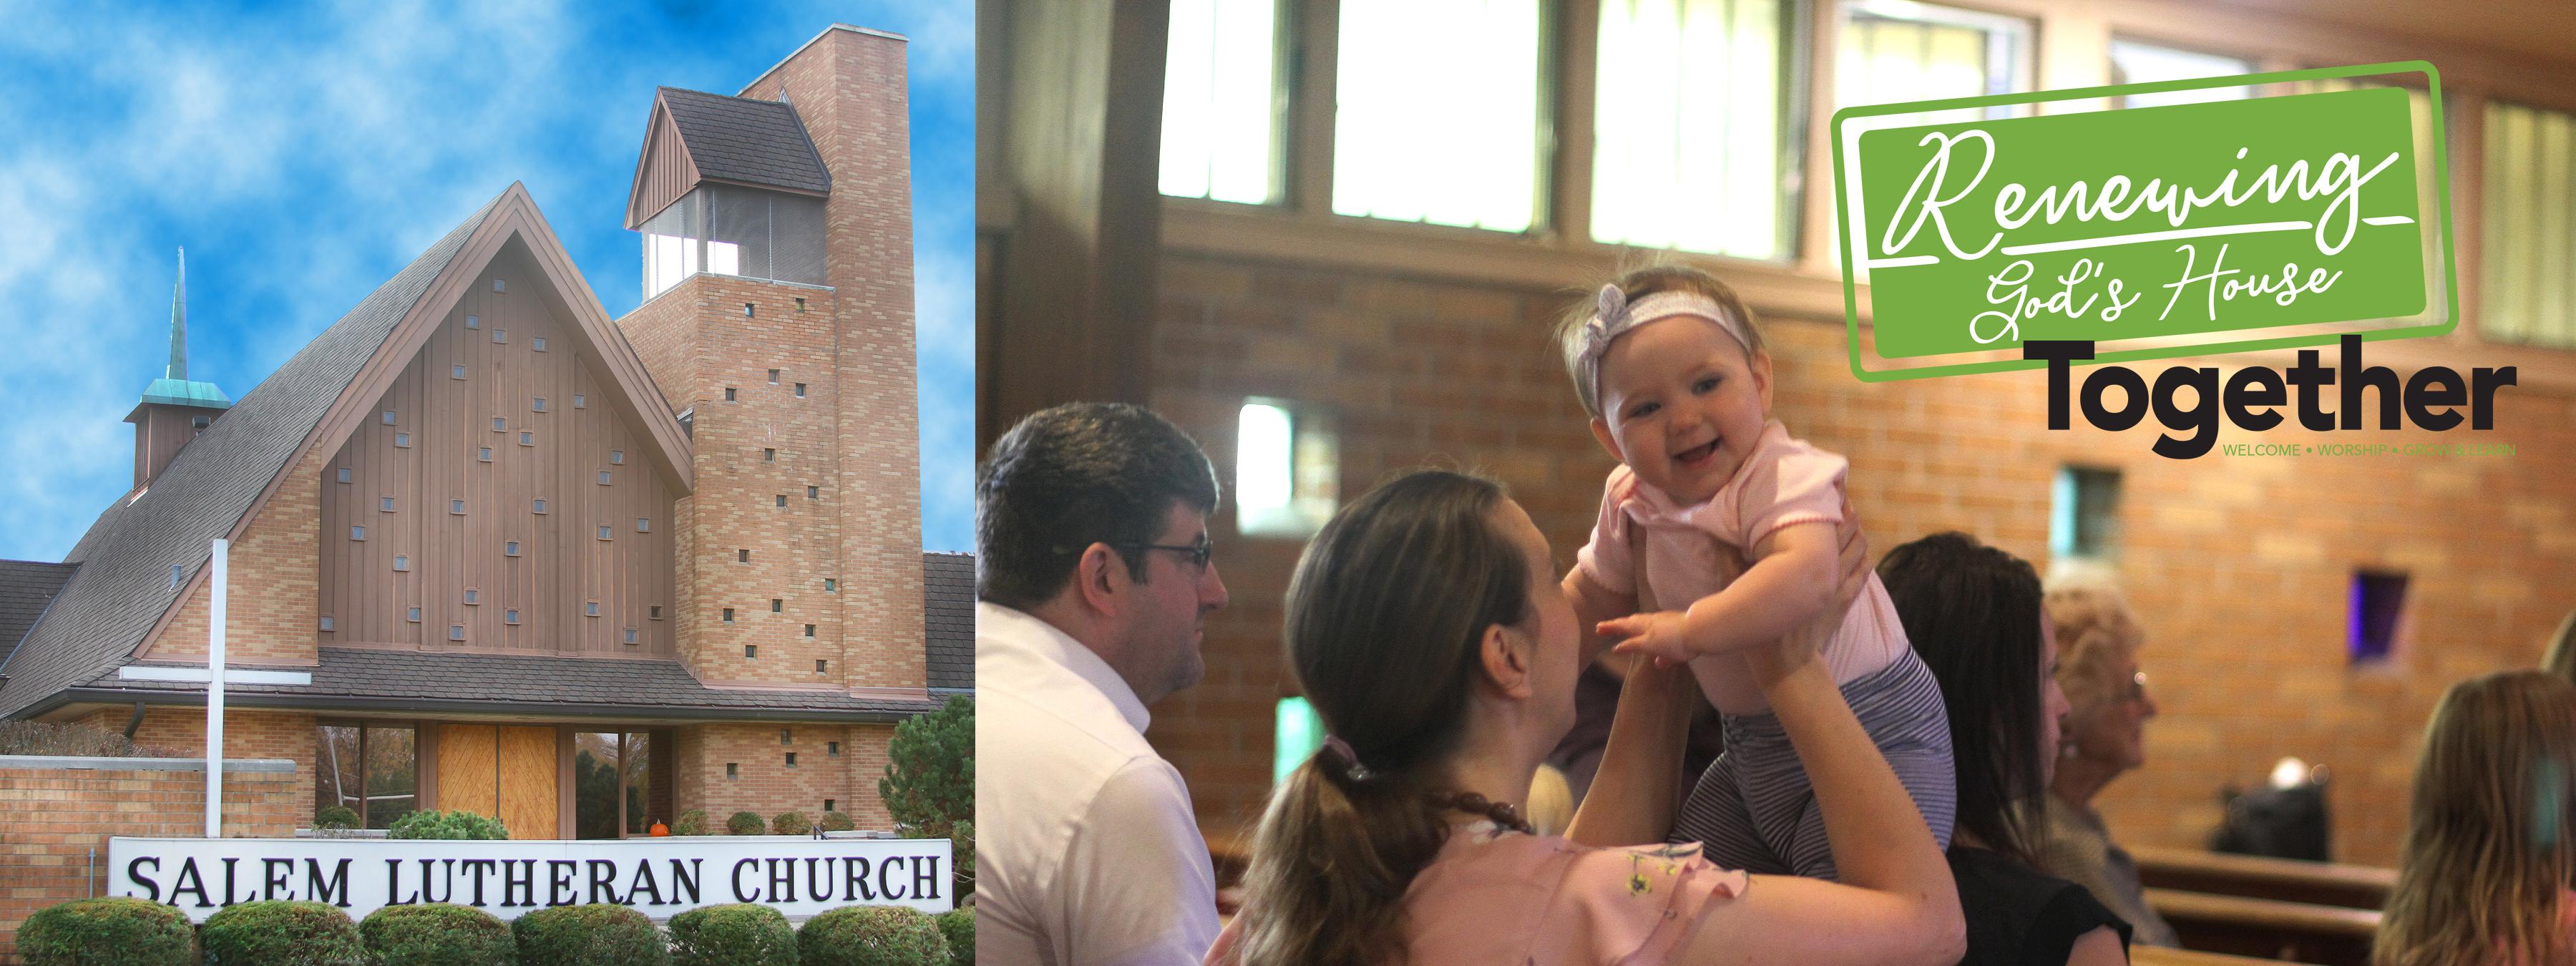 Renewing Gods House Child